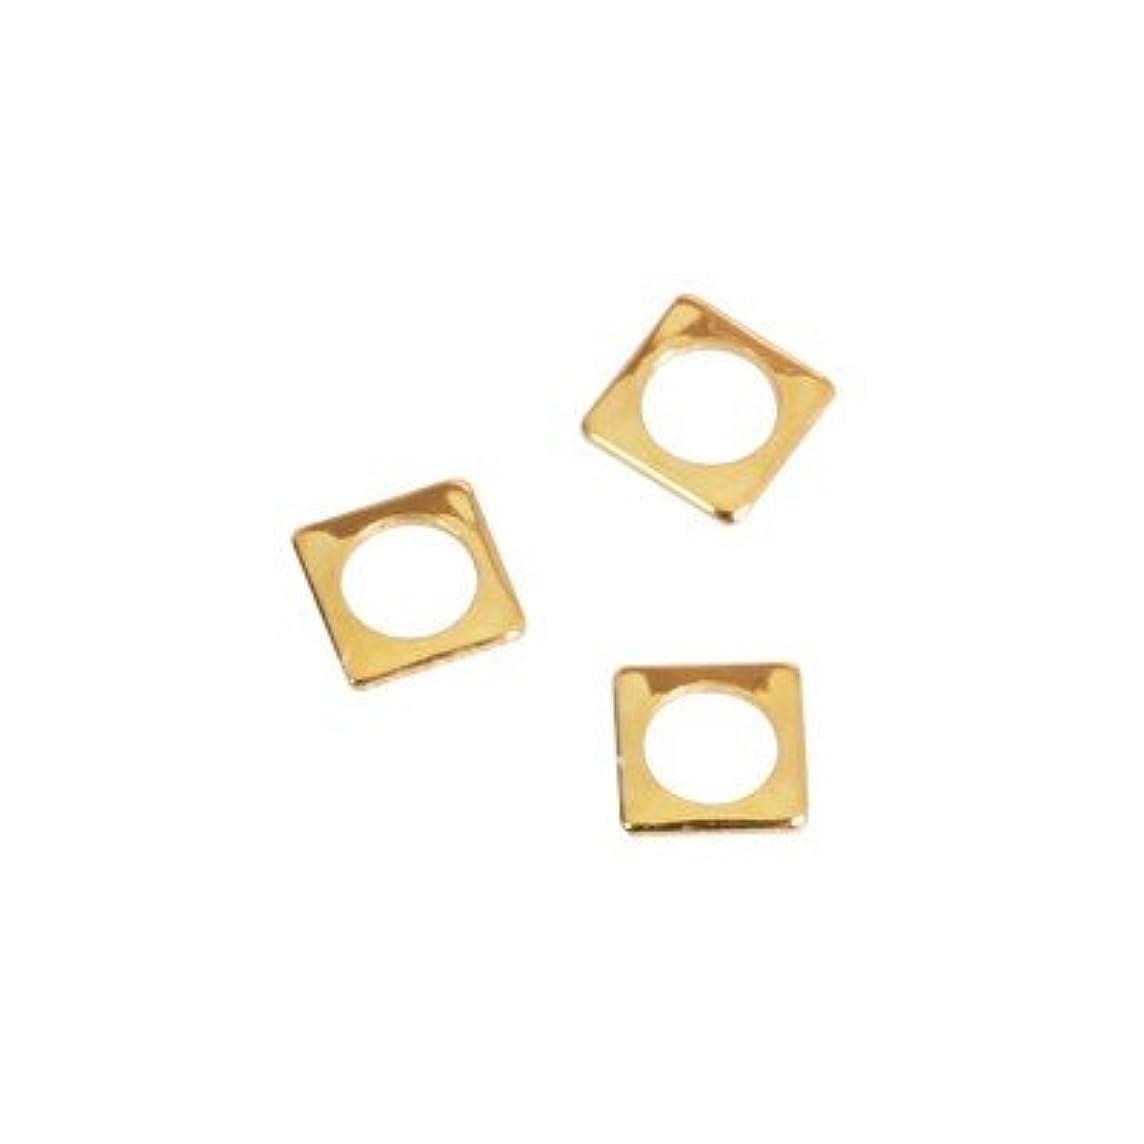 説得力のある安西マチュピチュピアドラ スタッズ スクエア 中抜き(ラウンド)2.5mm 50P ゴールド